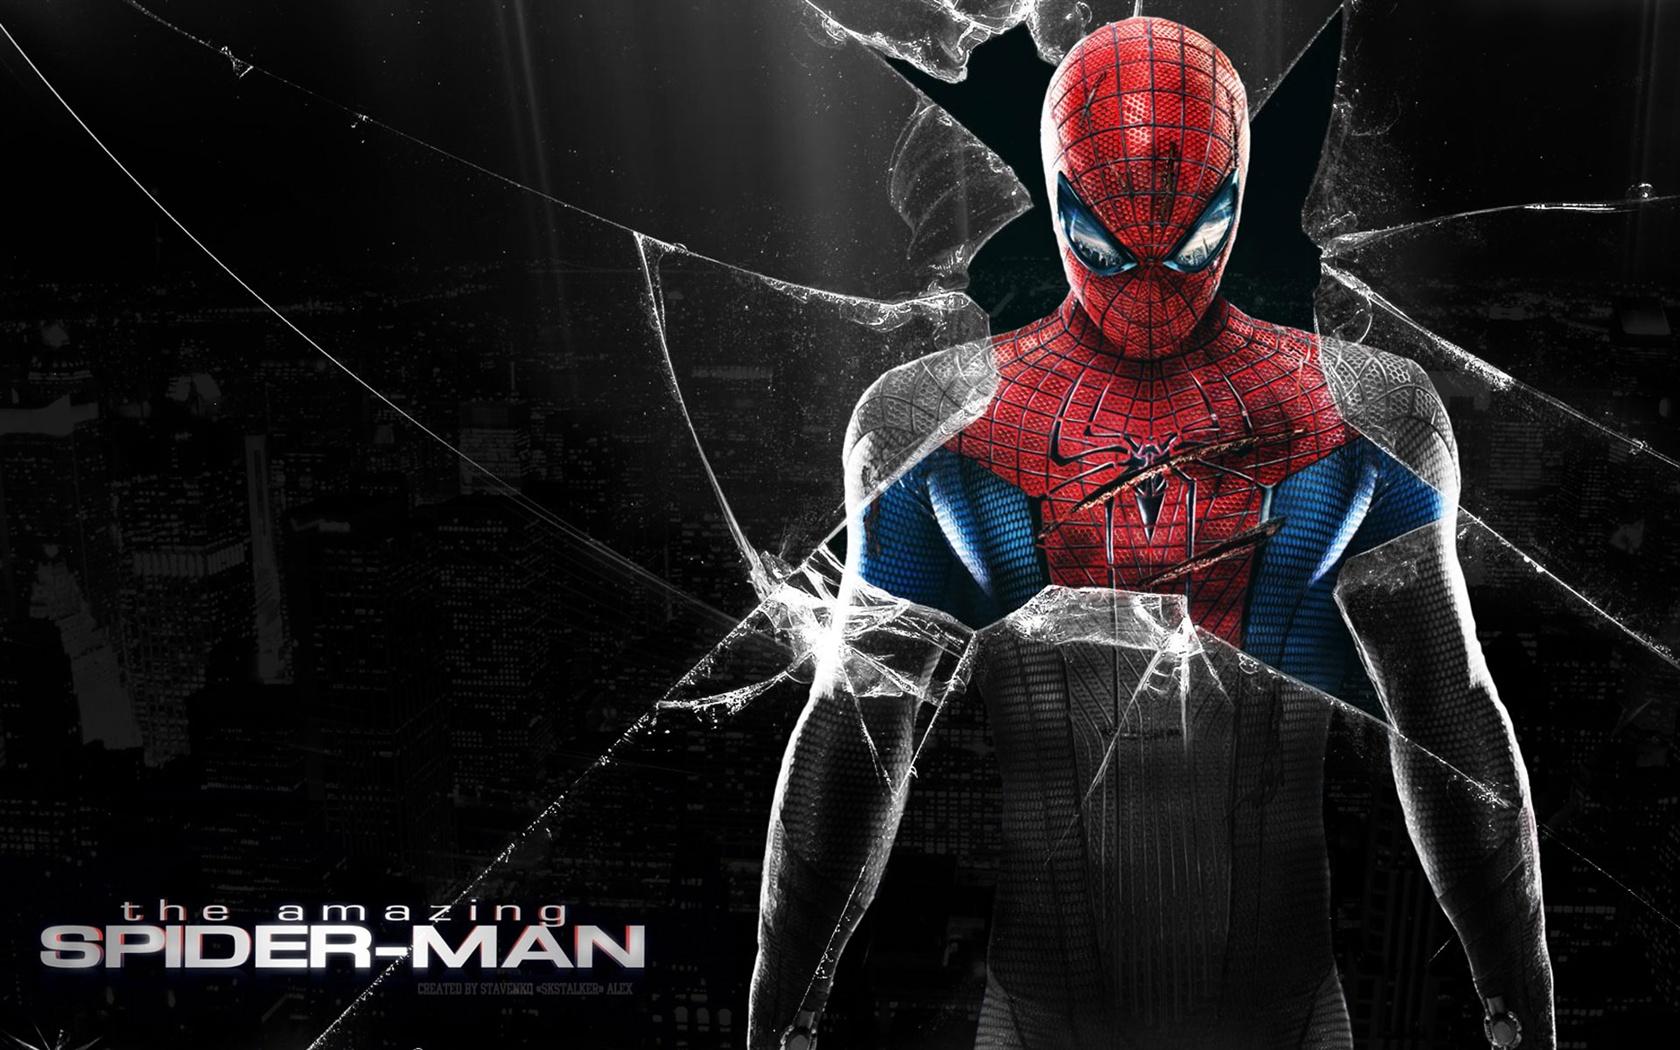 10 Best Spider Man 2099 Wallpaper Full Hd 1080p For Pc: 壁紙 2012アメイジングスパイダーマン 1920x1200 HD 無料のデスクトップの背景, 画像